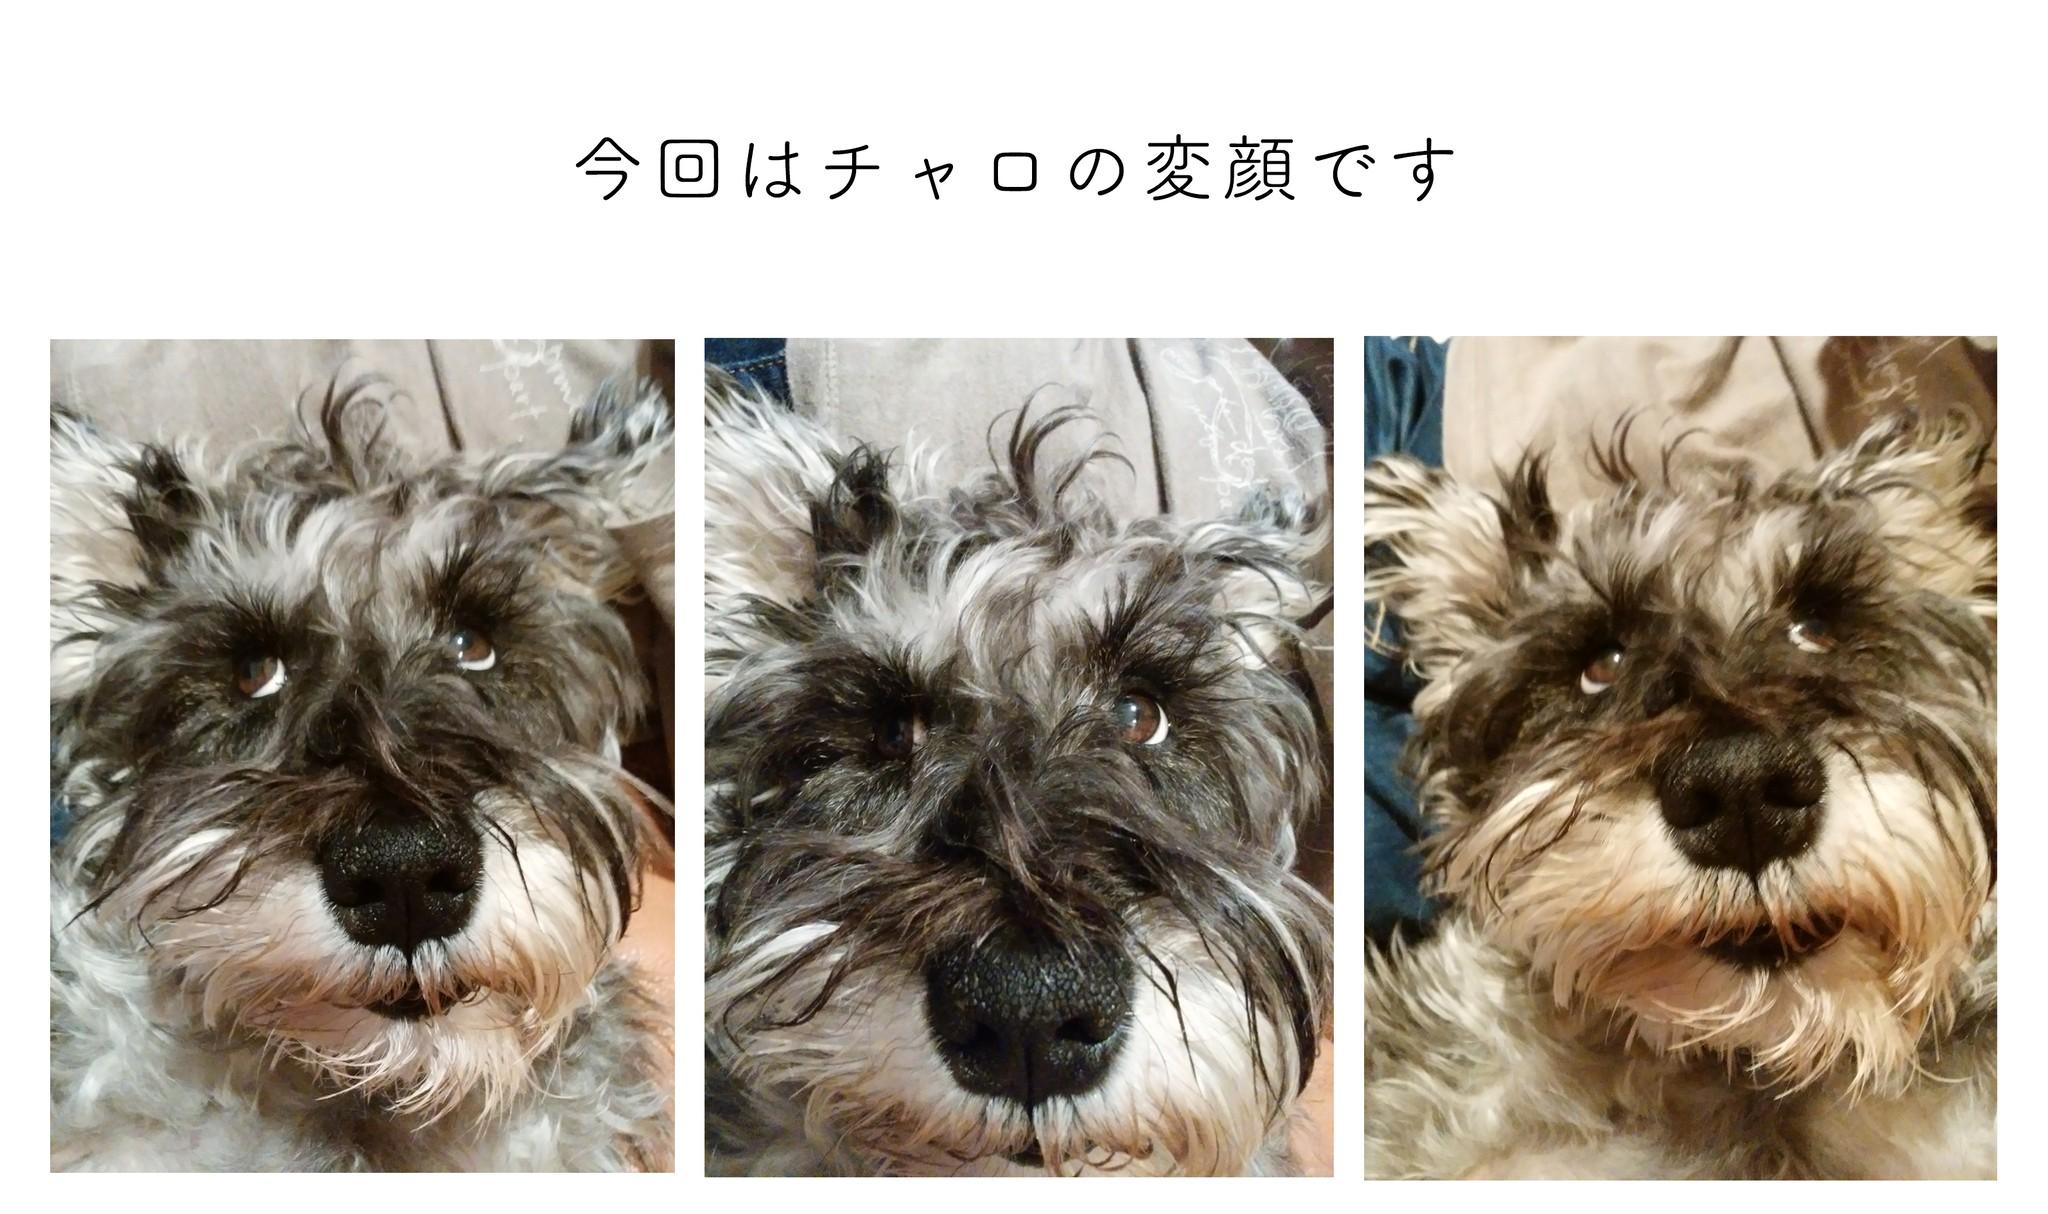 チンピラ犬タコちゃん、犬嫌いは治るのか〜no.7